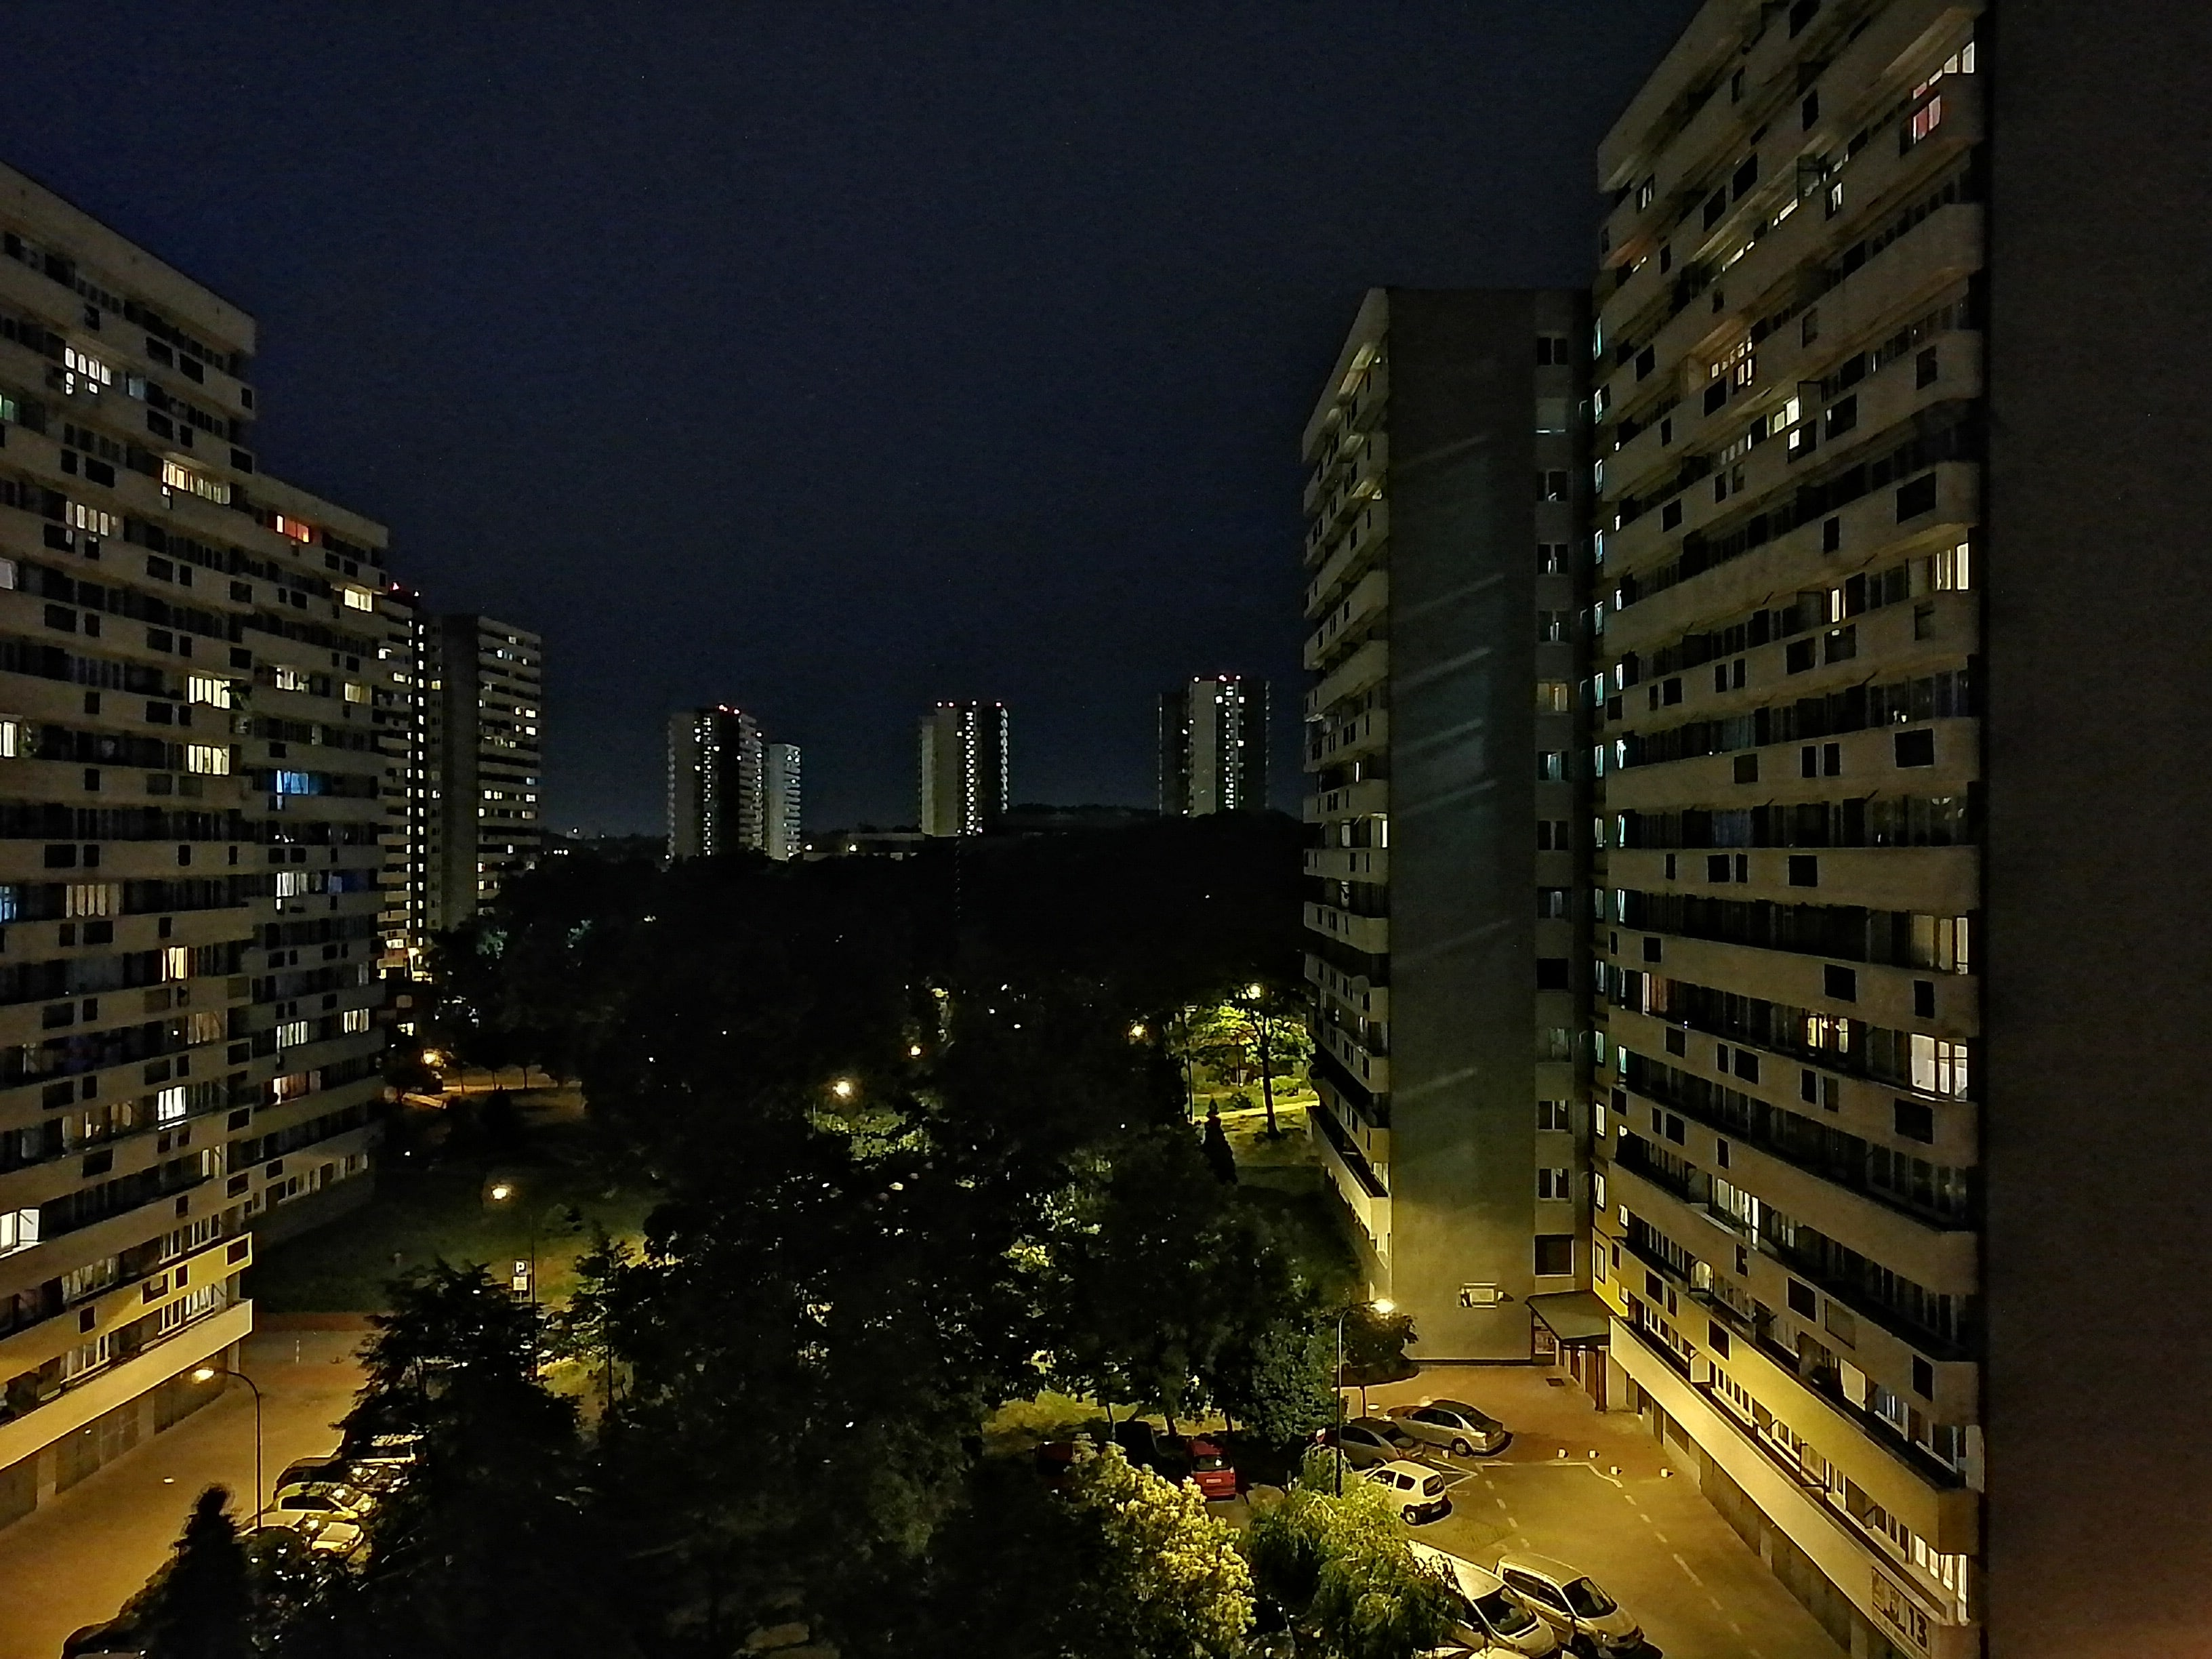 Zdjęcia nocne - Honor 20 Lite